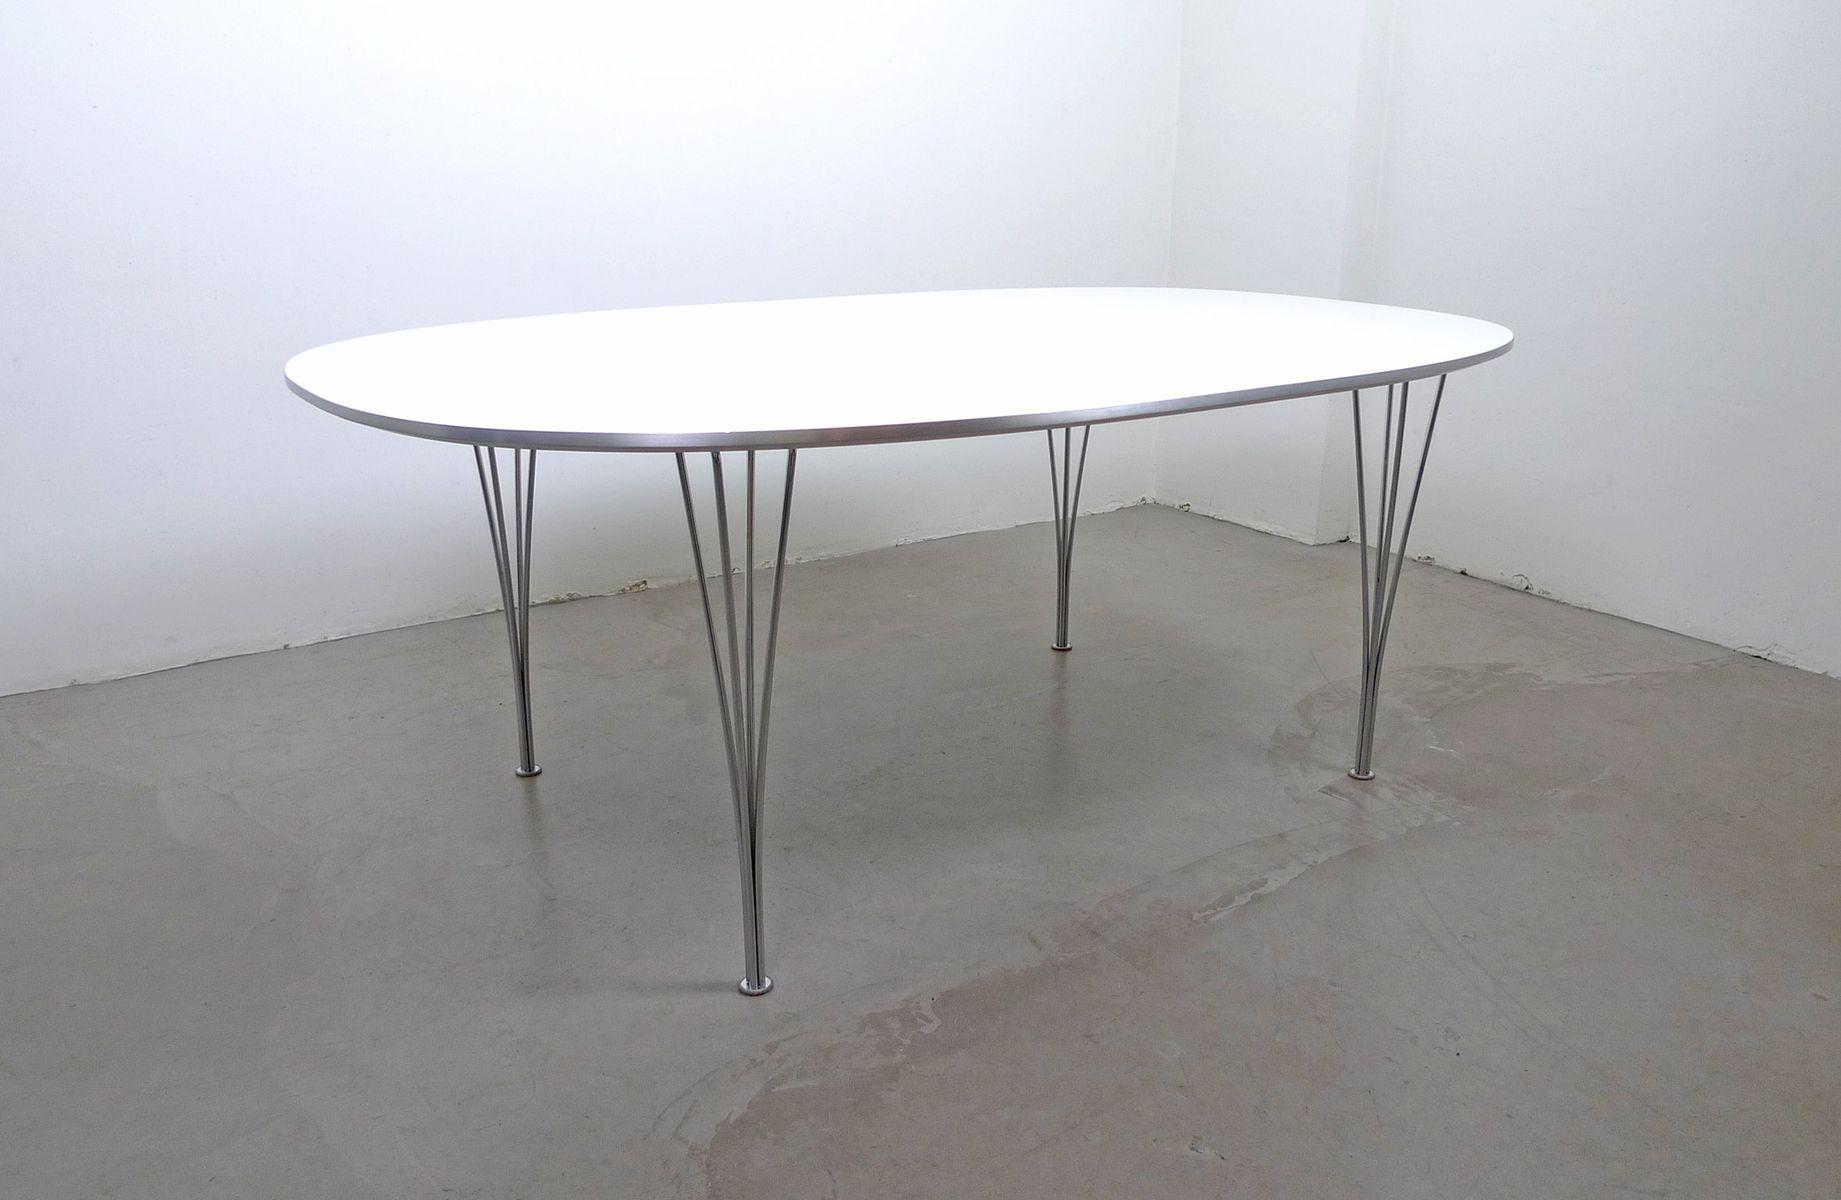 skandinavischer moderner elliptical tisch von piet hein bruno mathsson und arne jacobsen f r. Black Bedroom Furniture Sets. Home Design Ideas